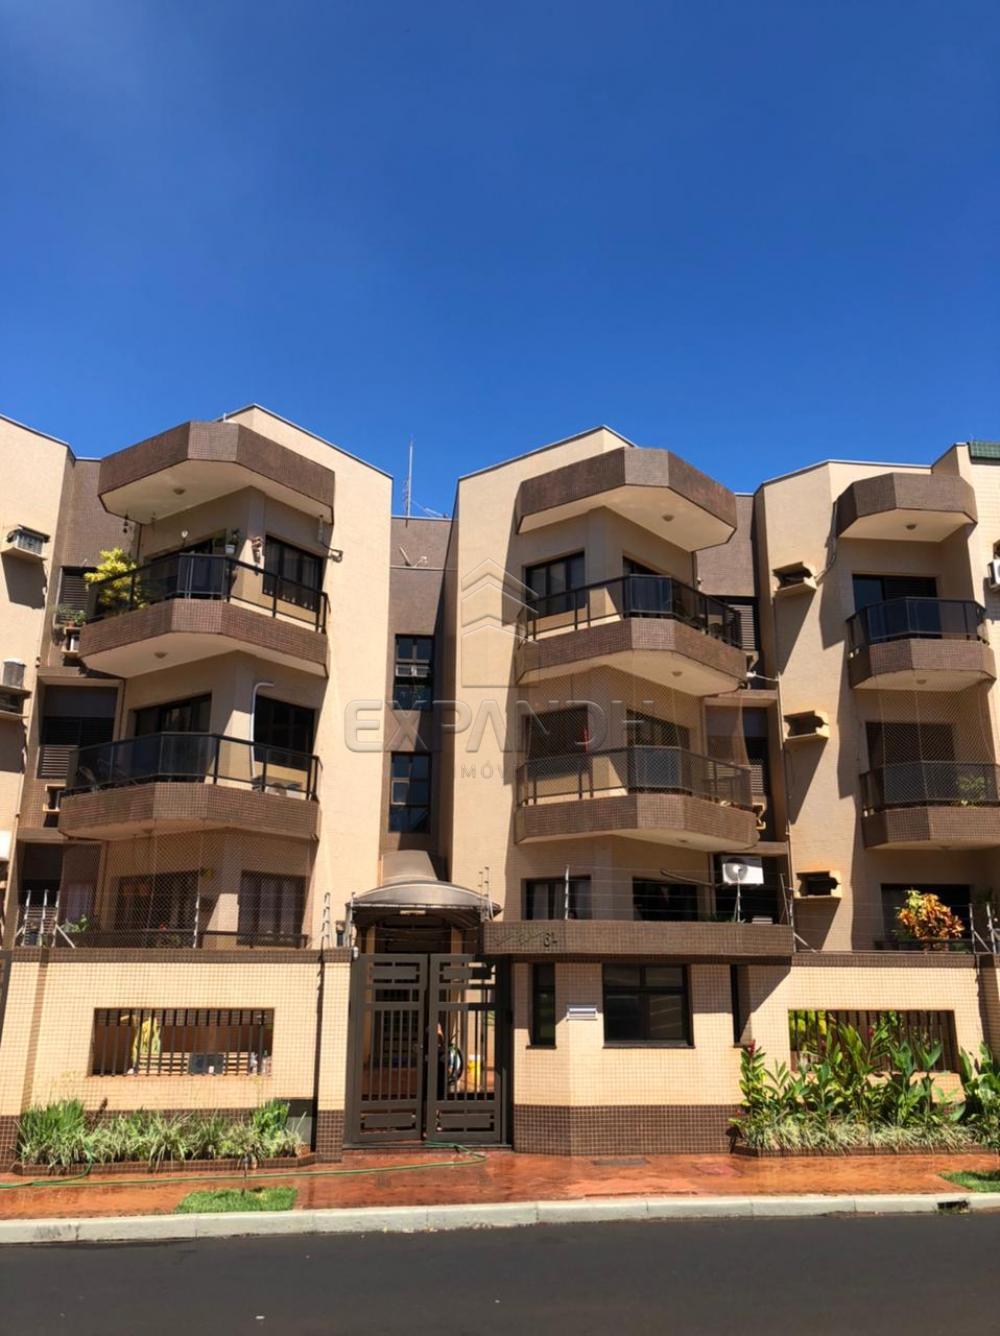 Alugar Apartamentos / Padrão em Sertãozinho R$ 1.350,00 - Foto 1